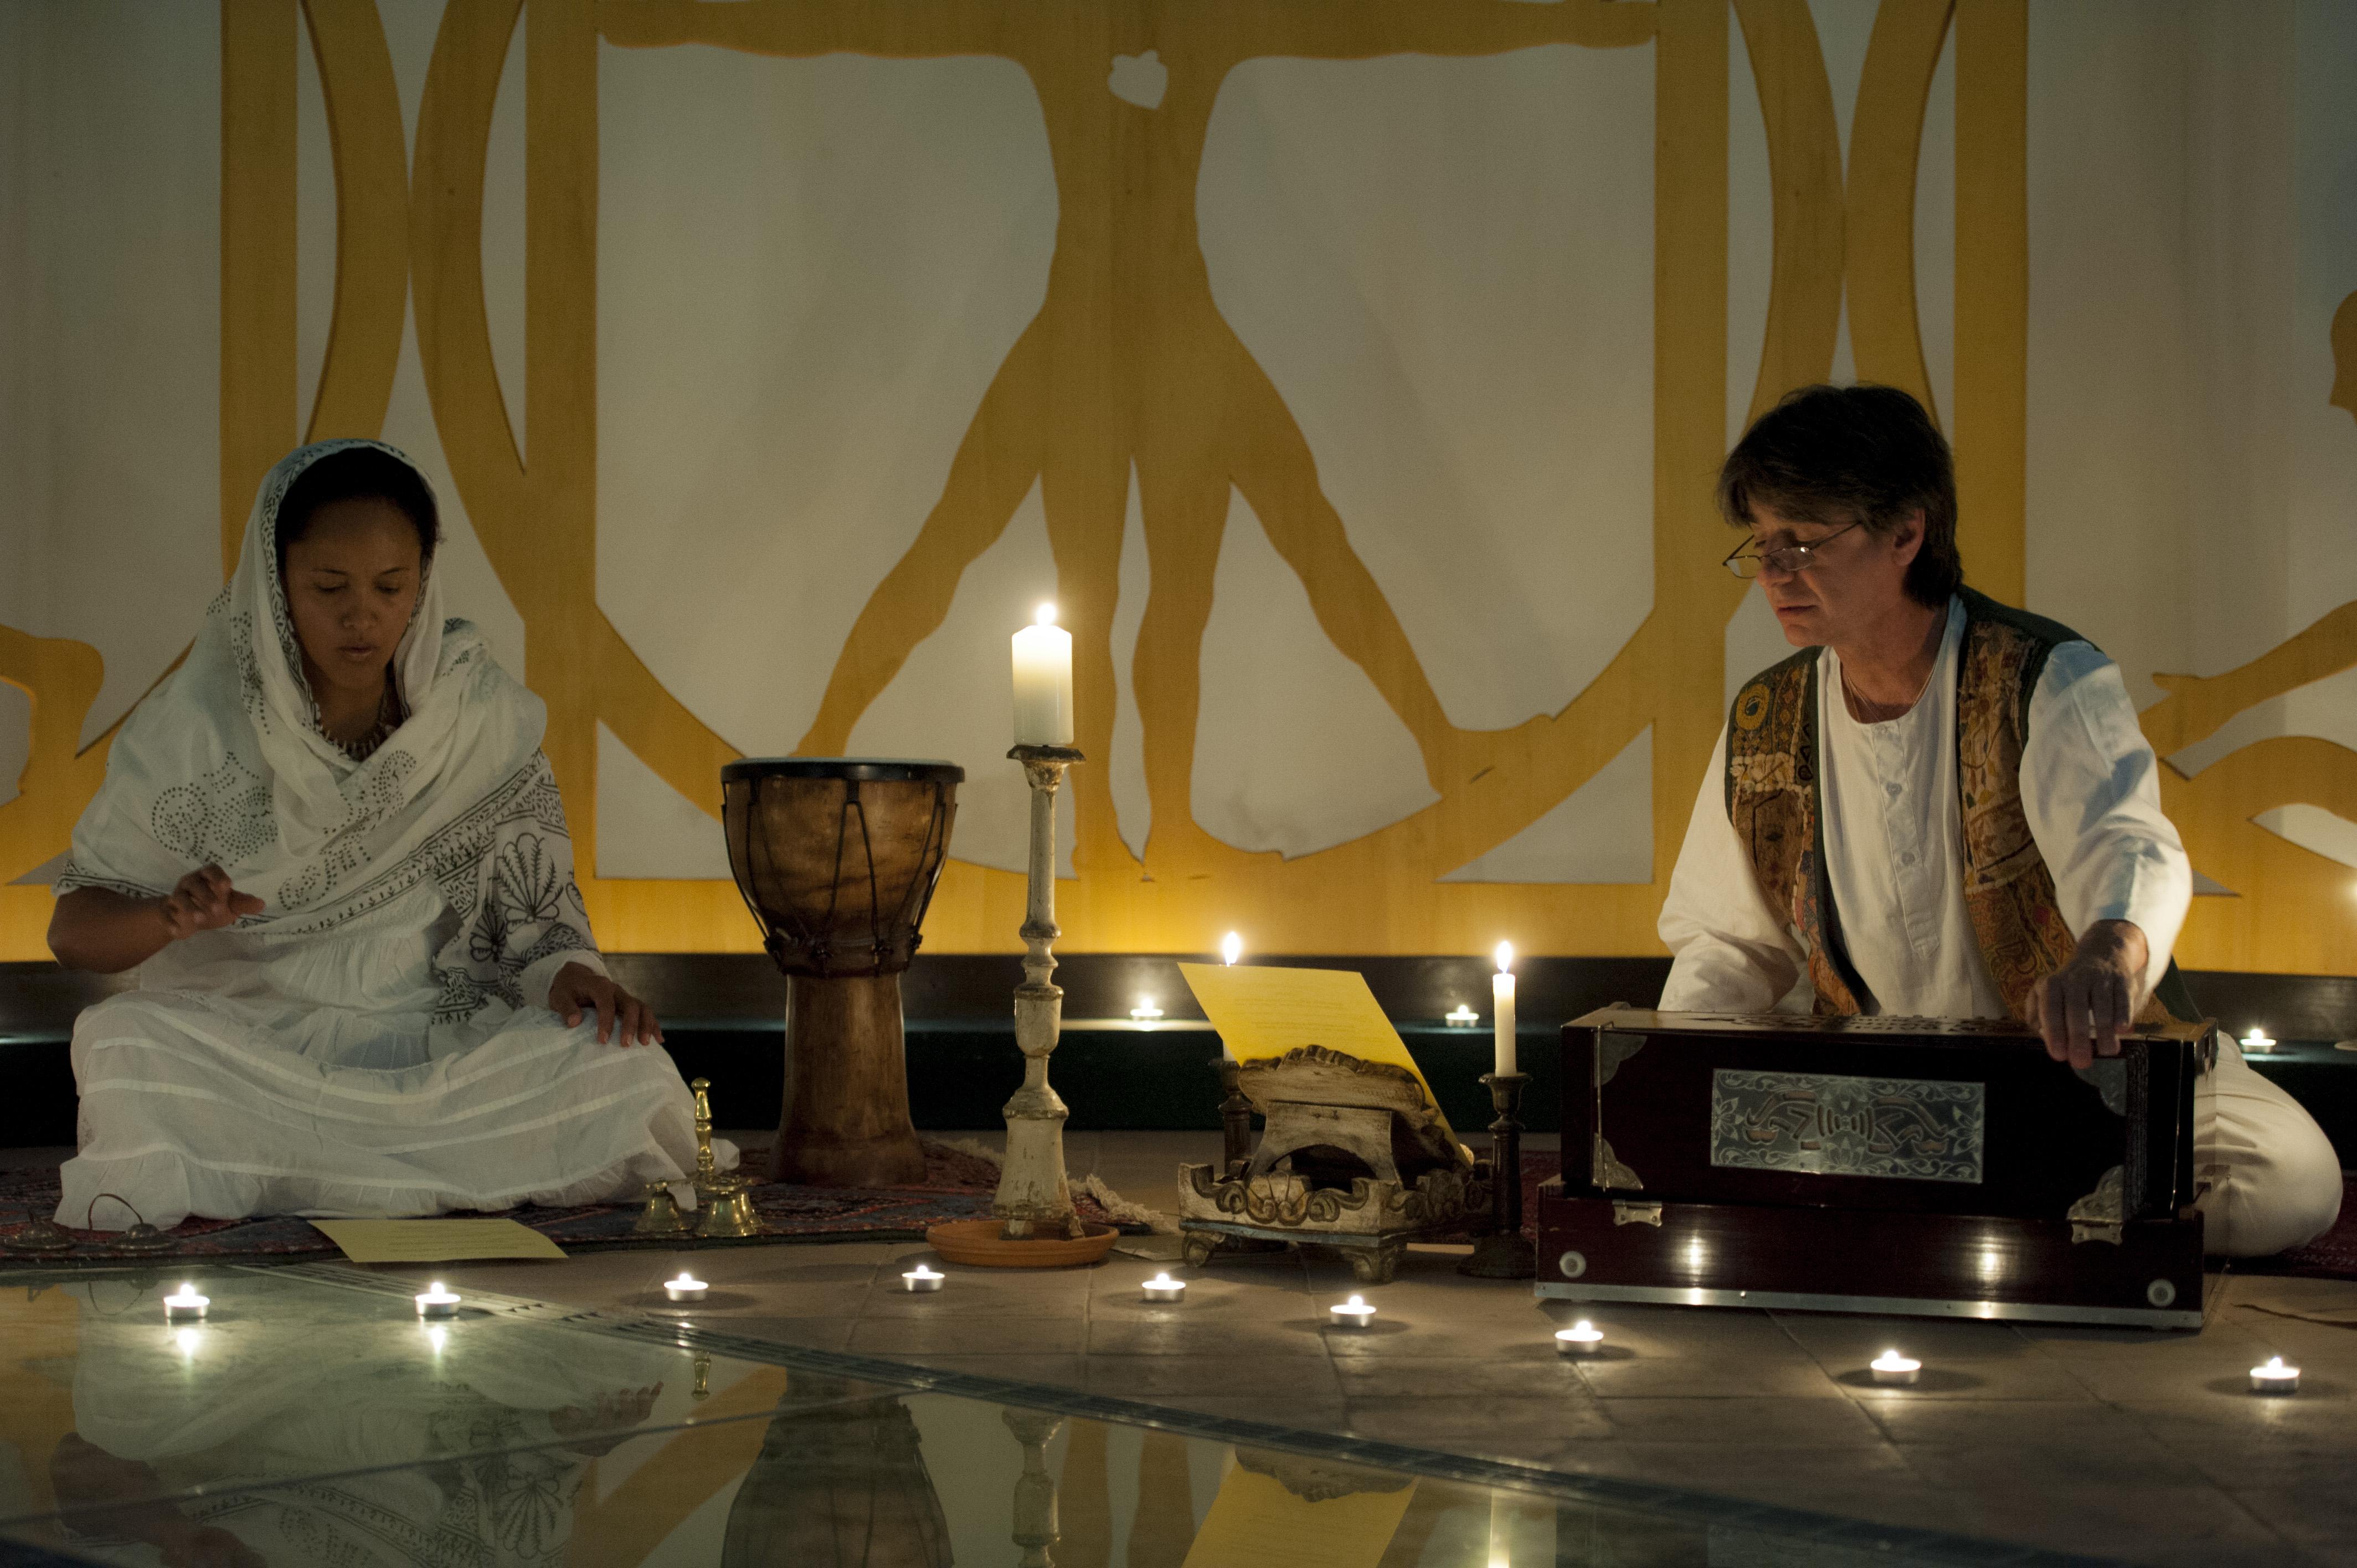 NUN5796 Immagini e ricordi della mostra Infinito Presente (31 maggio   7 giugno 2015)   Chieti workshop di scultura walter zuccarini teatro simurgh stefania barbetta scultura ottagono mostra artigianato artistico artigianato